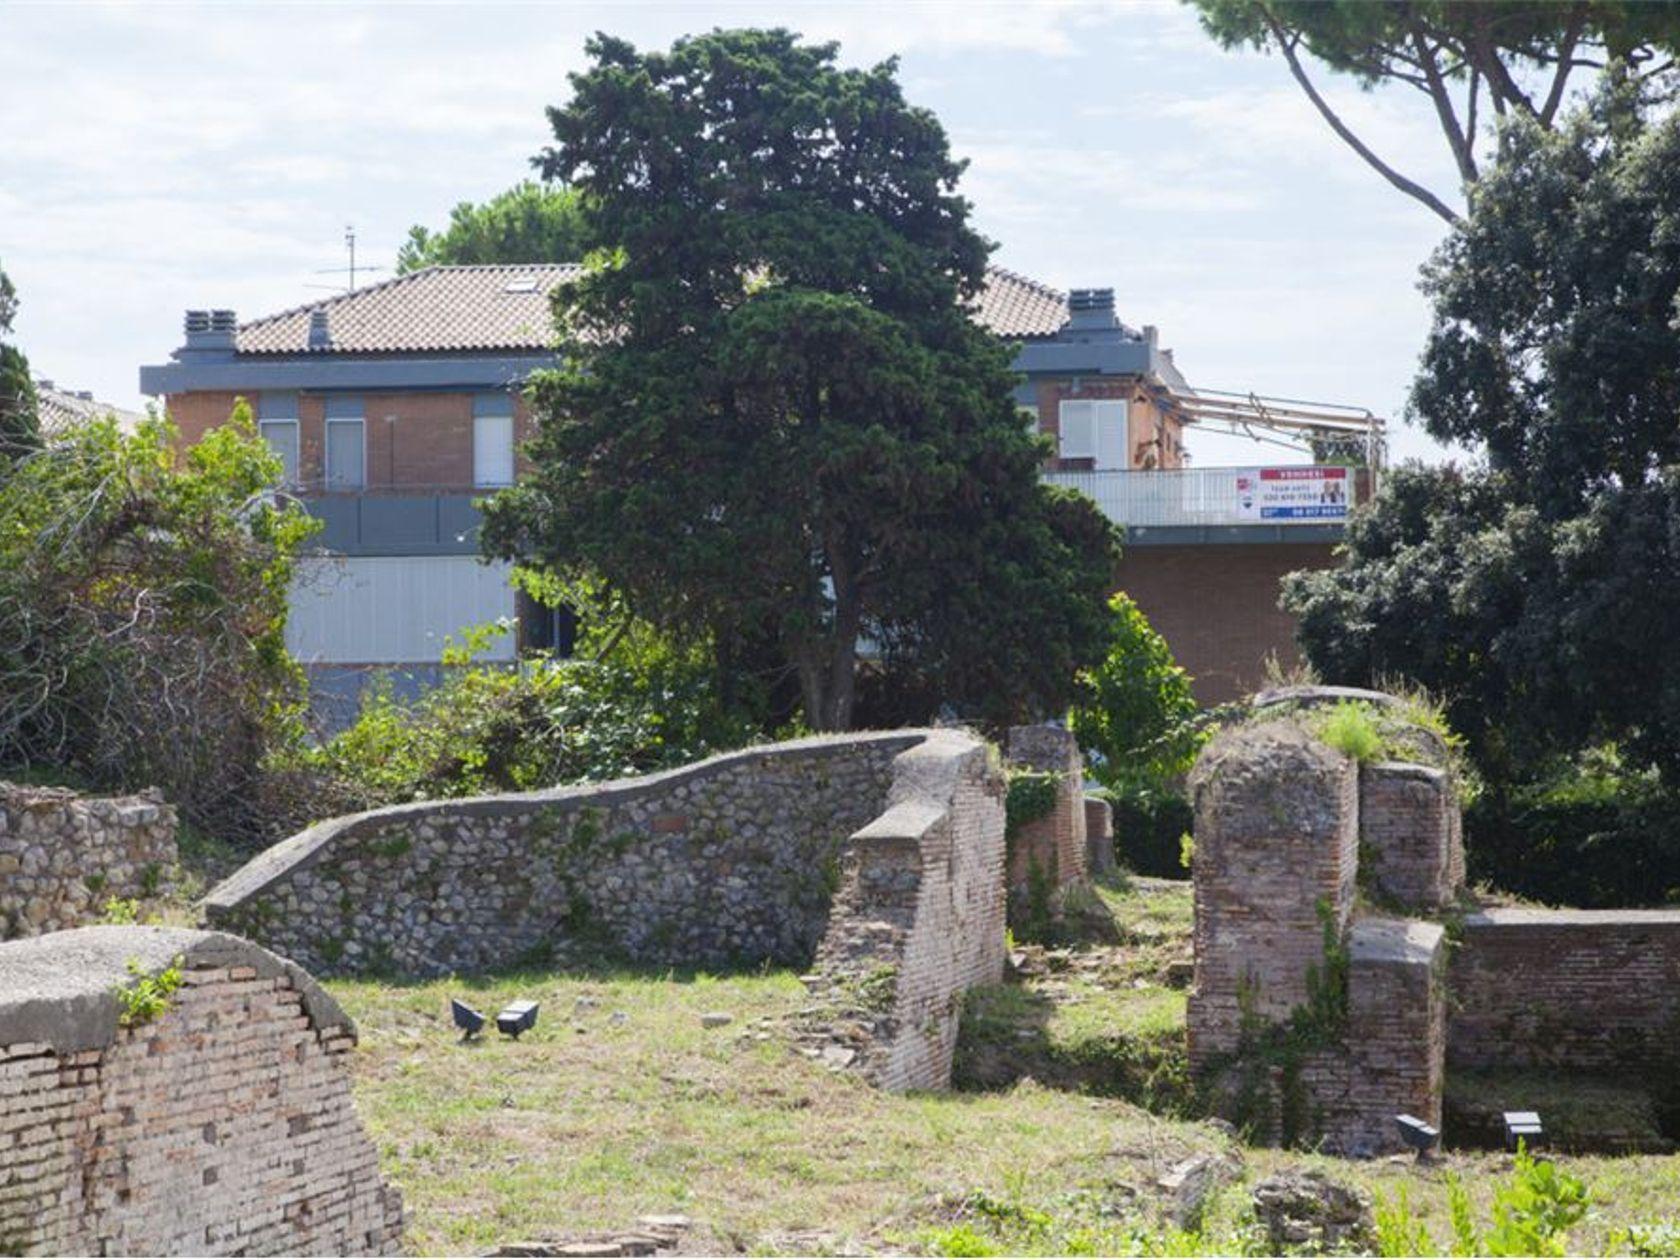 Attico/Mansarda Anzio-santa Teresa, Anzio, RM Vendita - Foto 37